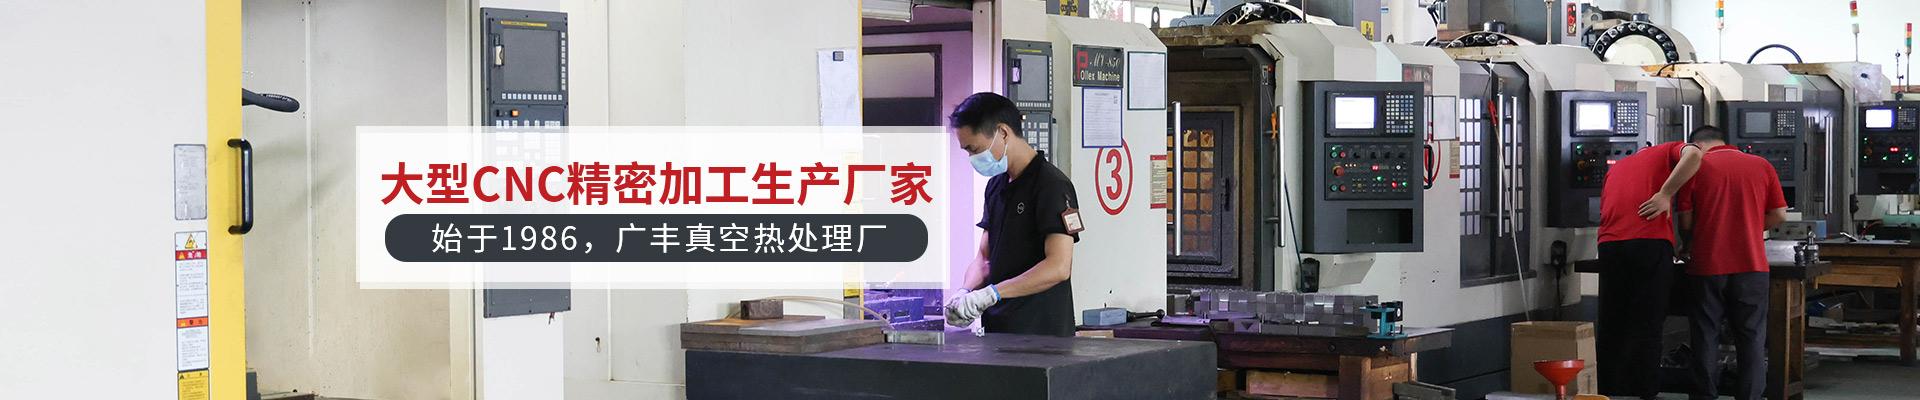 乐麒腾-大型CNC精密加工生产厂家